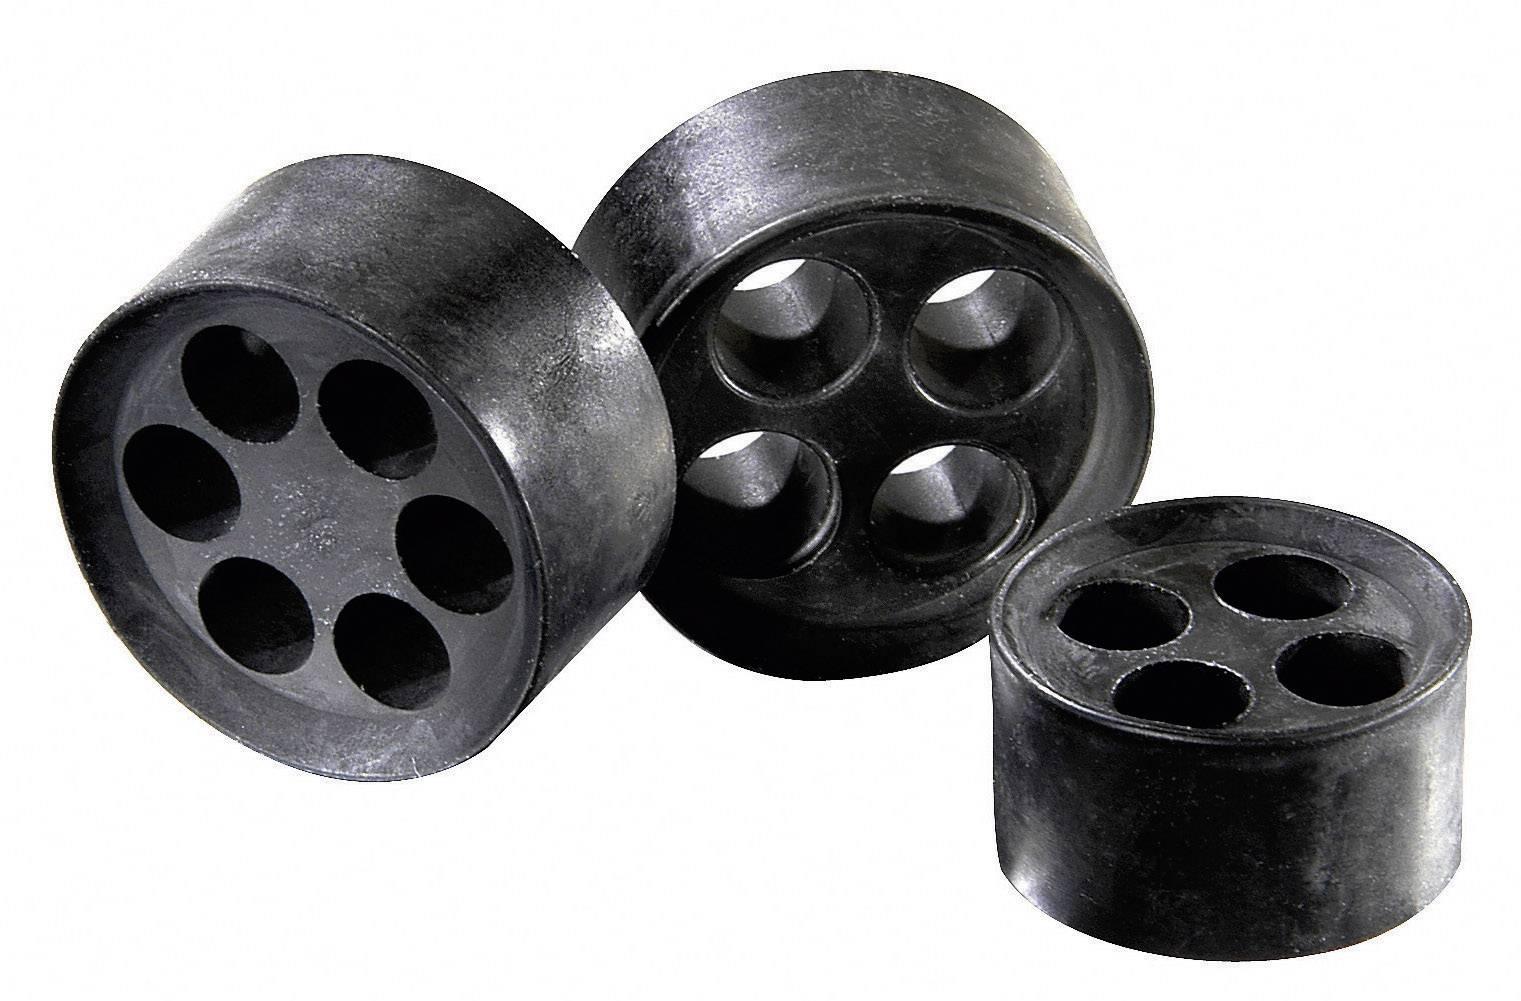 Těsnicí vložka M12 Wiska MFD 12/02/020 (10100525), IP66, M12, elastomer, černá